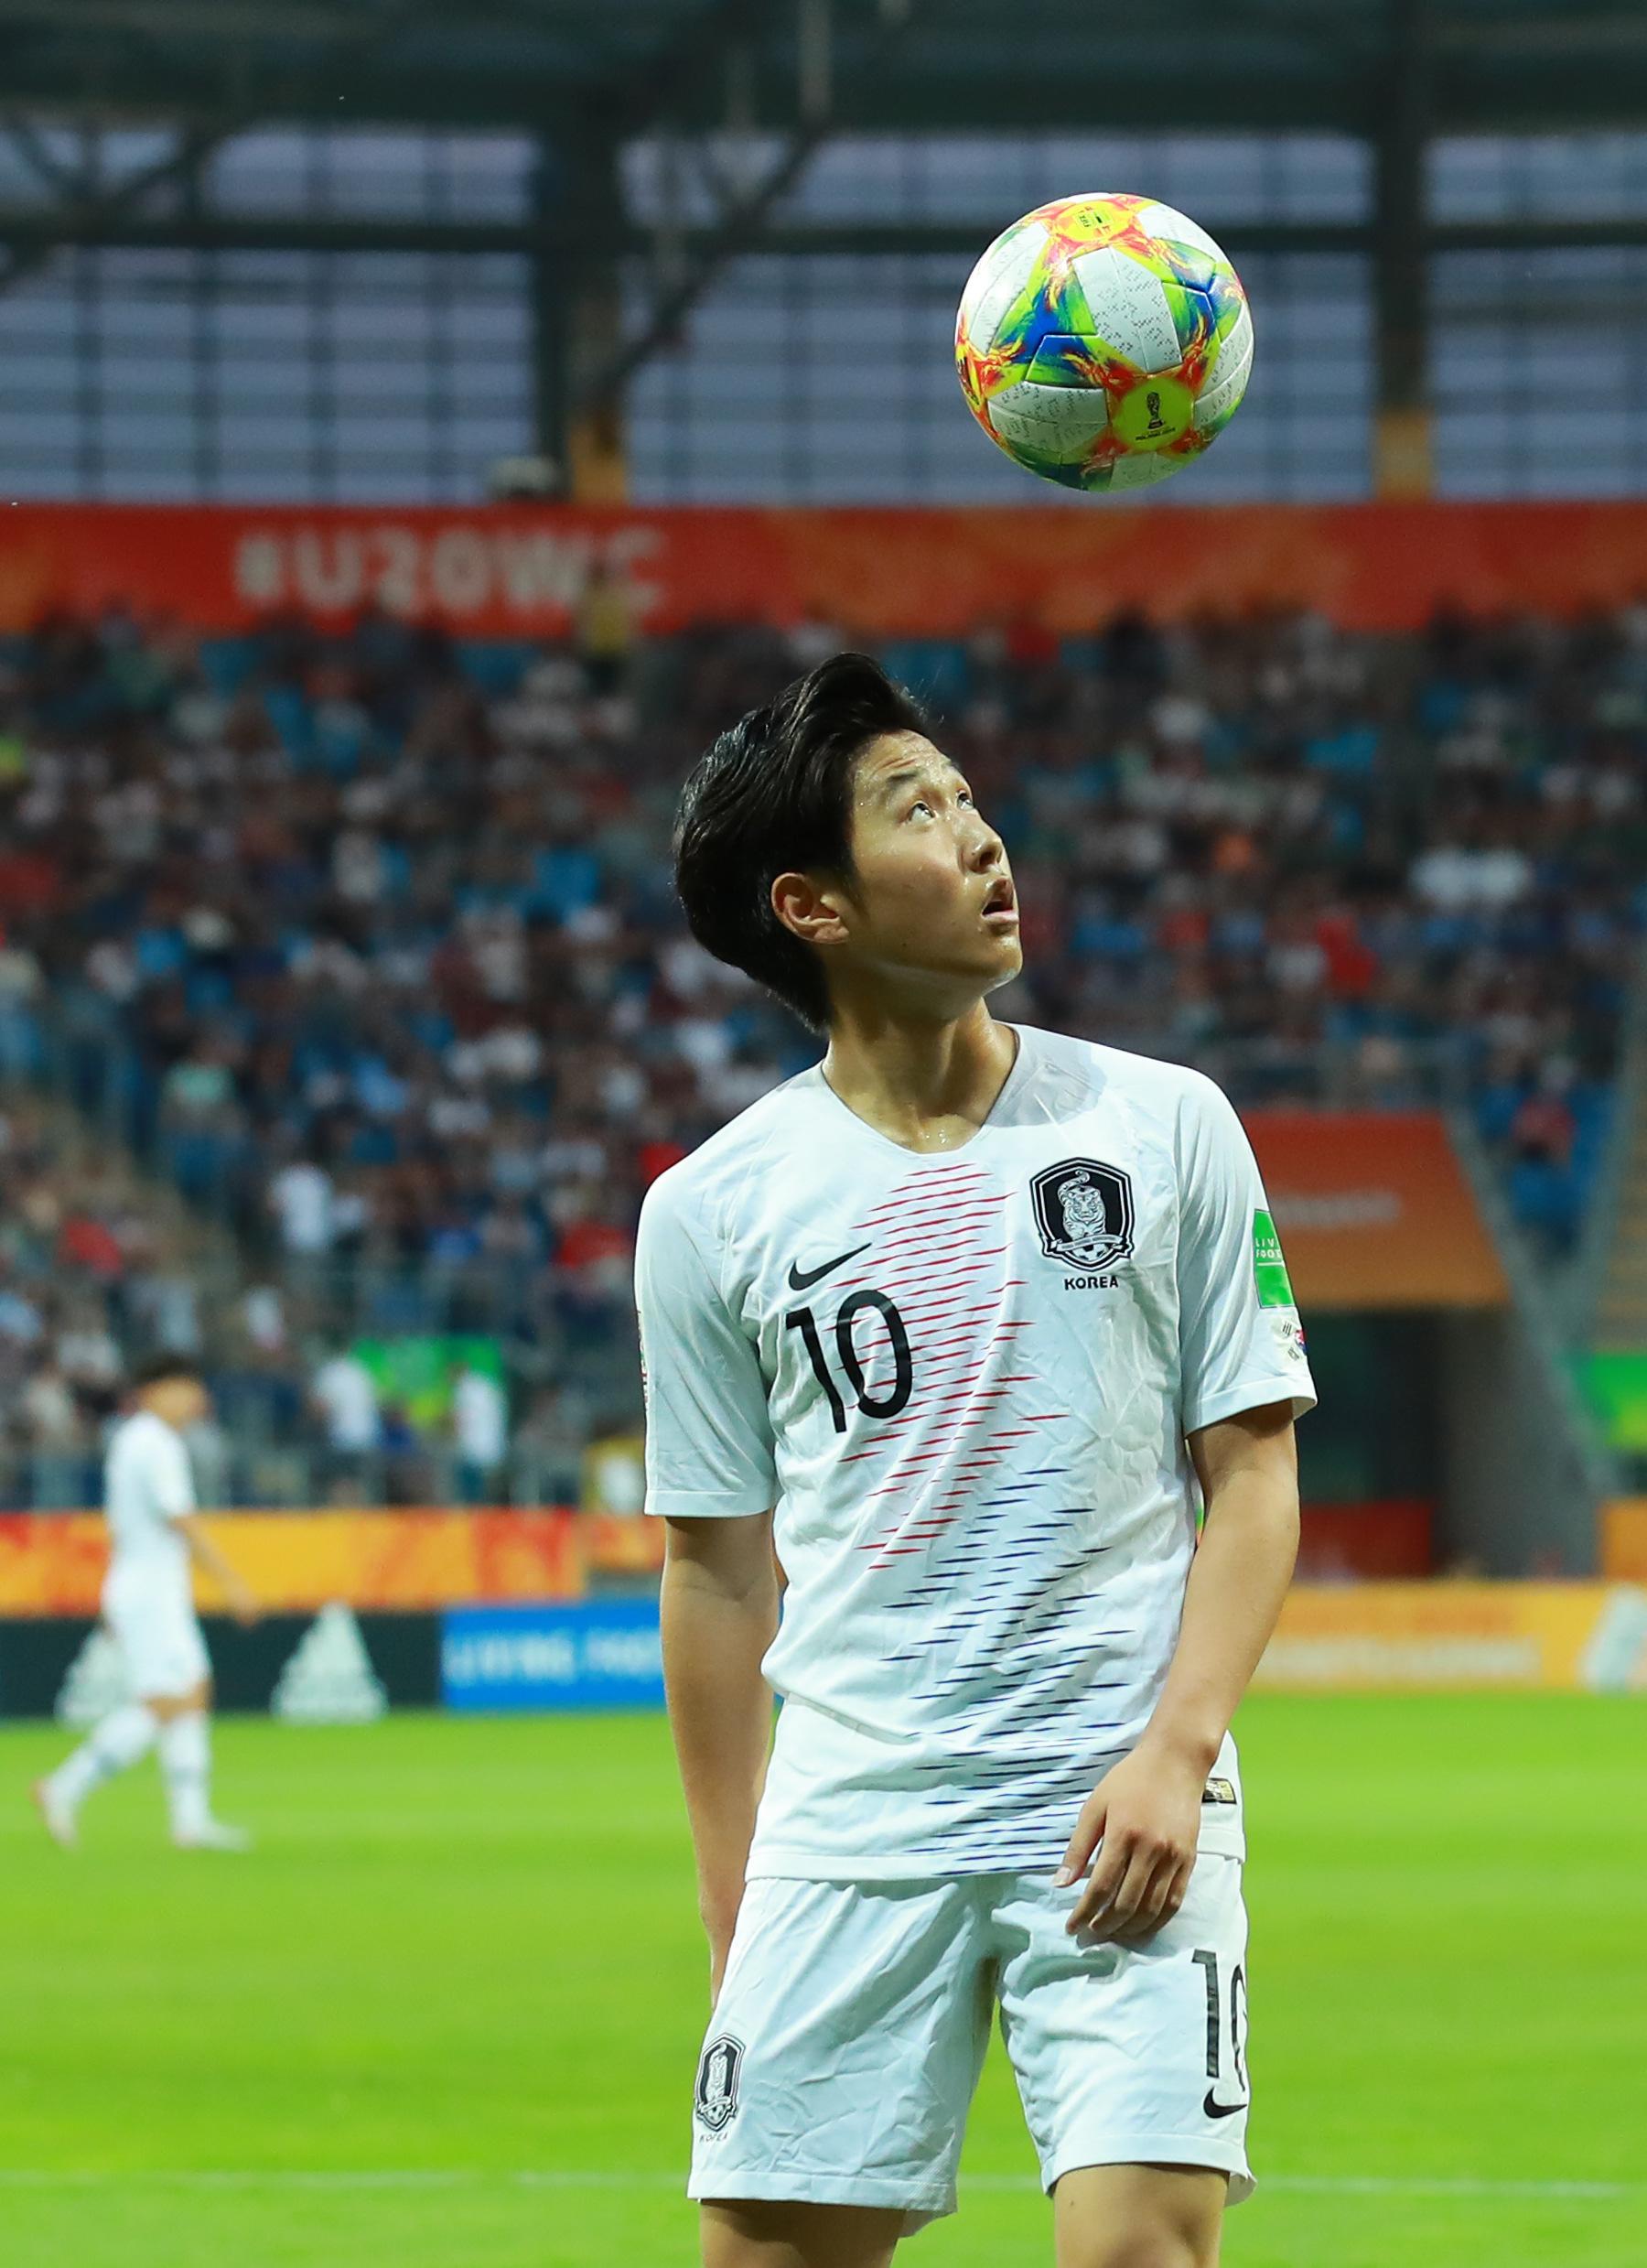 12일 폴란드 루블린 경기장에서 열린 2019 FIFA U-20 월드컵 4강전 한국과 에콰도르의 경기.   전반 이강인이 세트피스 상황에 이동하며 트래핑으로 공을 공중으로 올린 뒤 바라보고 있다. 연합뉴스]